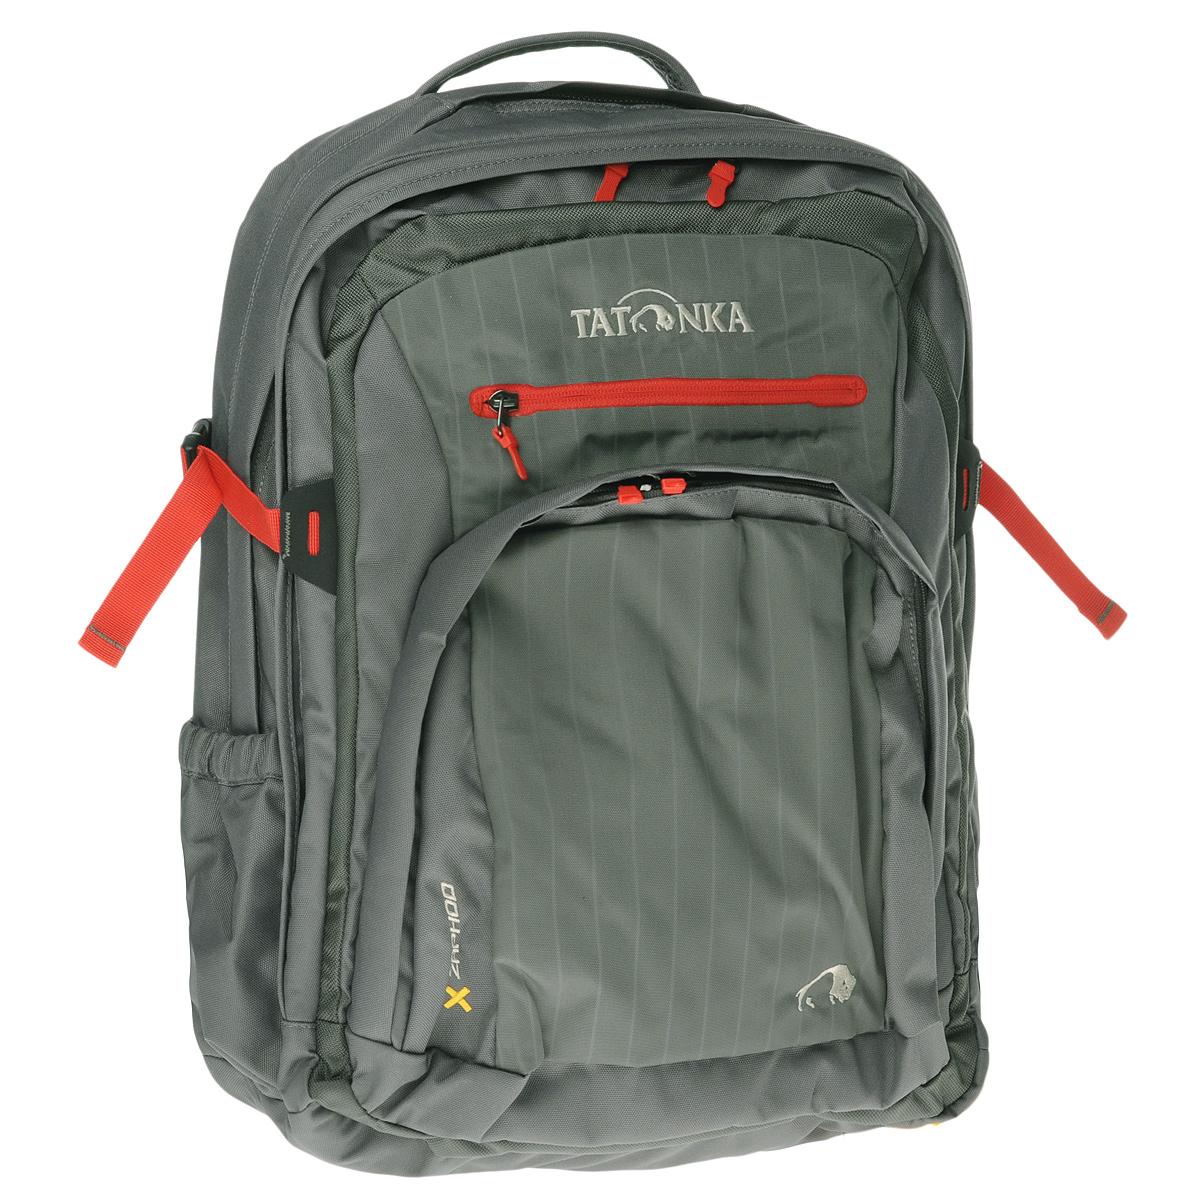 Рюкзак Tatonka Zaphod, цвет: серый1702.043Городской рюкзак Tatonka Zaphod с идеальным оснащением для учебы или работы в офисе. Это не преувеличение. И в первую очередь это касается ноутбука. Zaphod оснащен специальным мягким отделением 15.4 и отдельной мягкой сумкой-чехлом для ноутбука, которую можно вынуть и использовать отдельно. Даже для аксессуаров от ноутбука предусмотрена отдельная вынимаемая сумка. Кроме двух основных отделений, Zaphod оснащен органайзером в переднем кармане и множеством кармашков, как внутри, так и снаружи - и все это разработано в соответствии с назначением того или иного элемента рюкзака. Разумеется, Zaphod хорош и как рюкзак- подвеска Vent Comfort, S-образные мягкие лямки и спинка, обтянутые сеточкой AirMesh, съемные нагрудный и поясной ремни - все это гарантирует удобство и комфорт и в городе, при выездах на пикник или в короткий поход. Особенности рюкзака: Подвеска Vent Comfort. Мягкие S-образные лямки. Боковые стяжки. Поясной и нагрудный ремни. Отделение для...